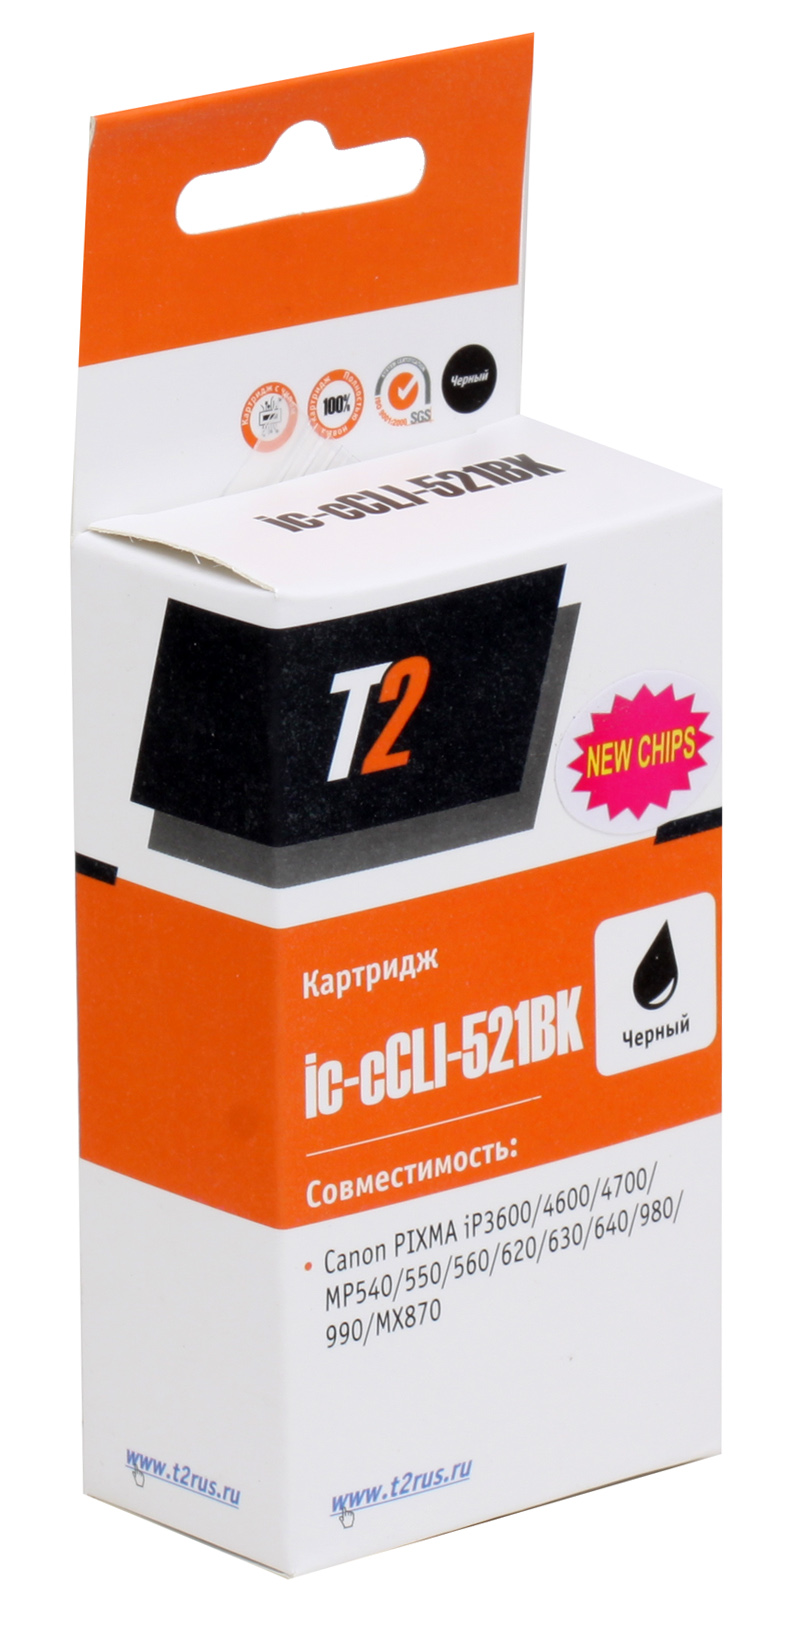 Картридж T2 IC-CCLI-521BK Black (с чипом) картридж t2 ccli 451y xl с чипом